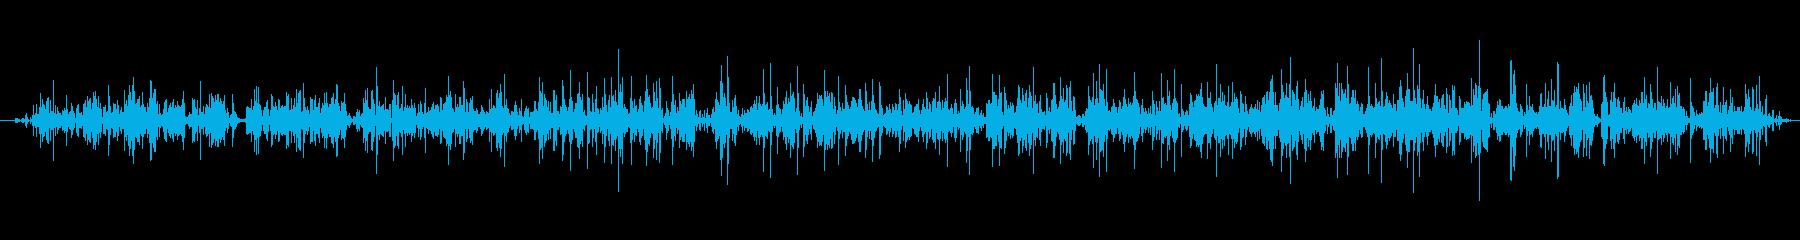 手動フードミキサー:開始、実行、停...の再生済みの波形